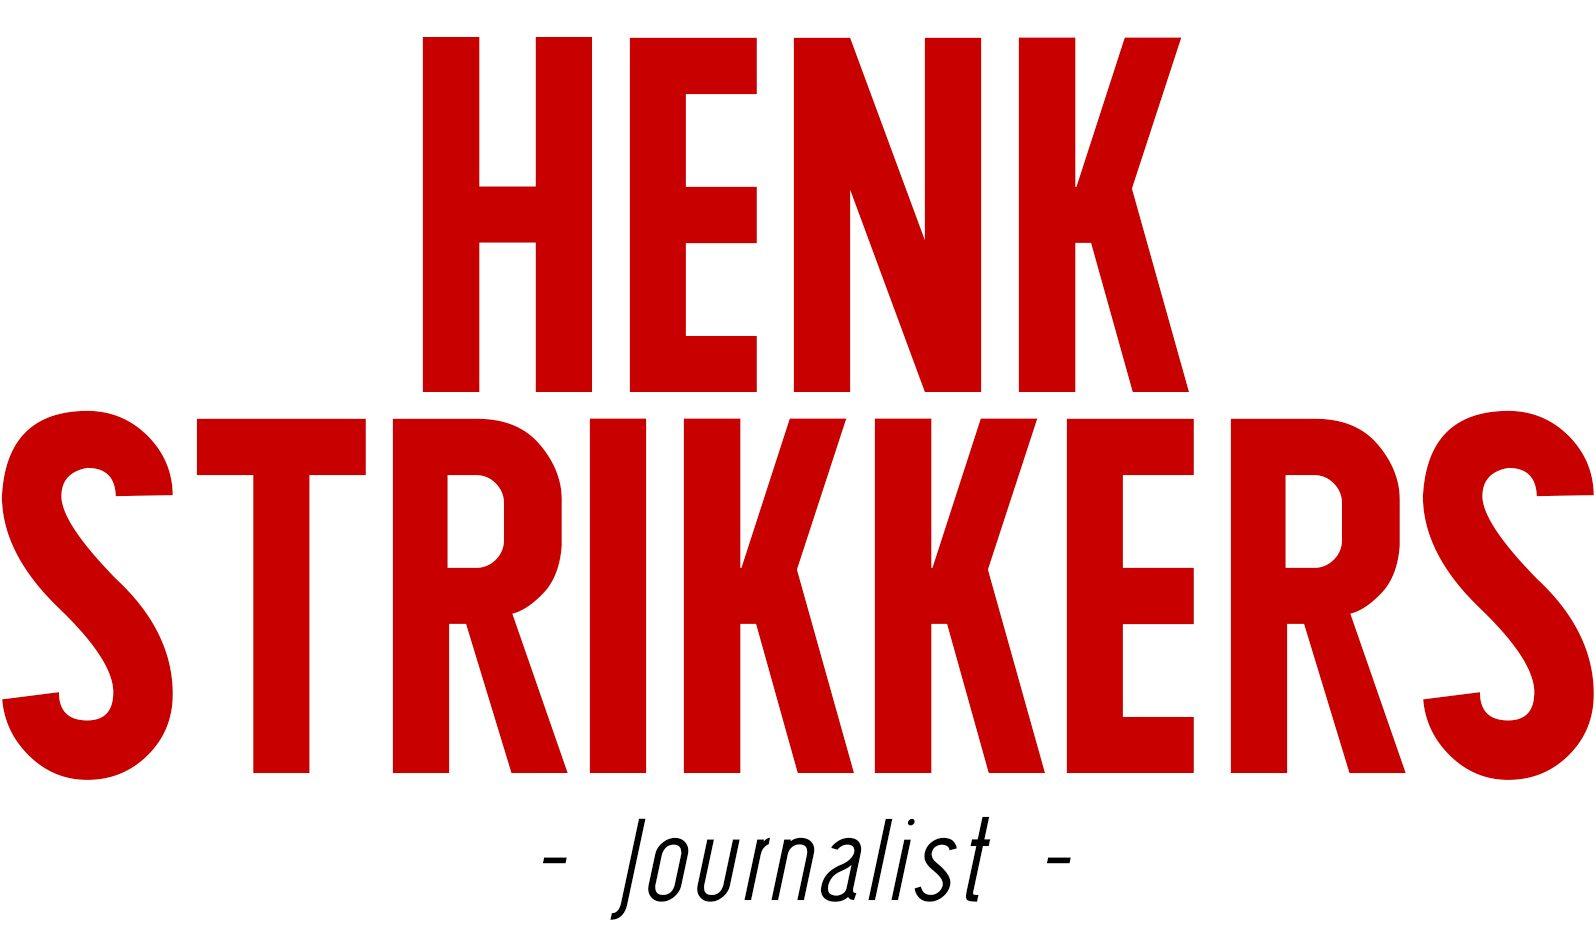 Henk Strikkers